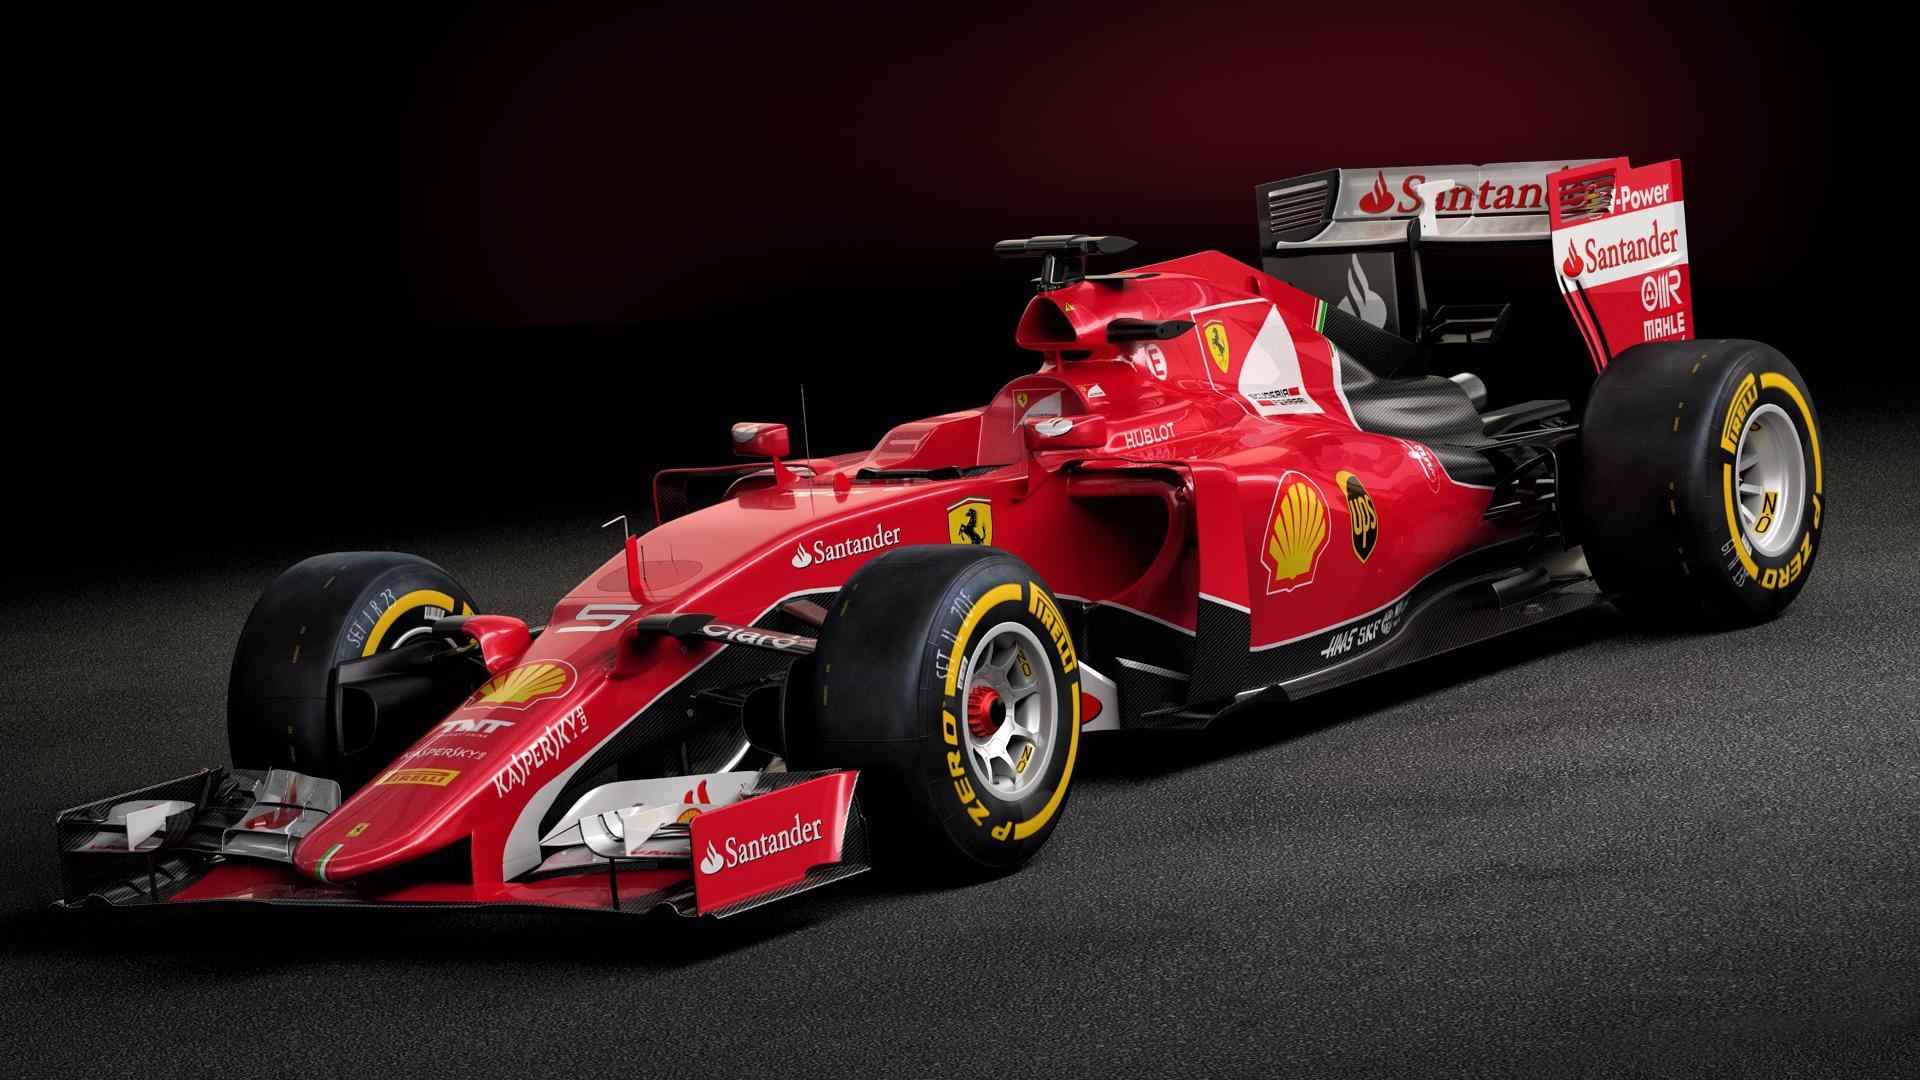 Ferrari F1 Wallpaper For Laptop